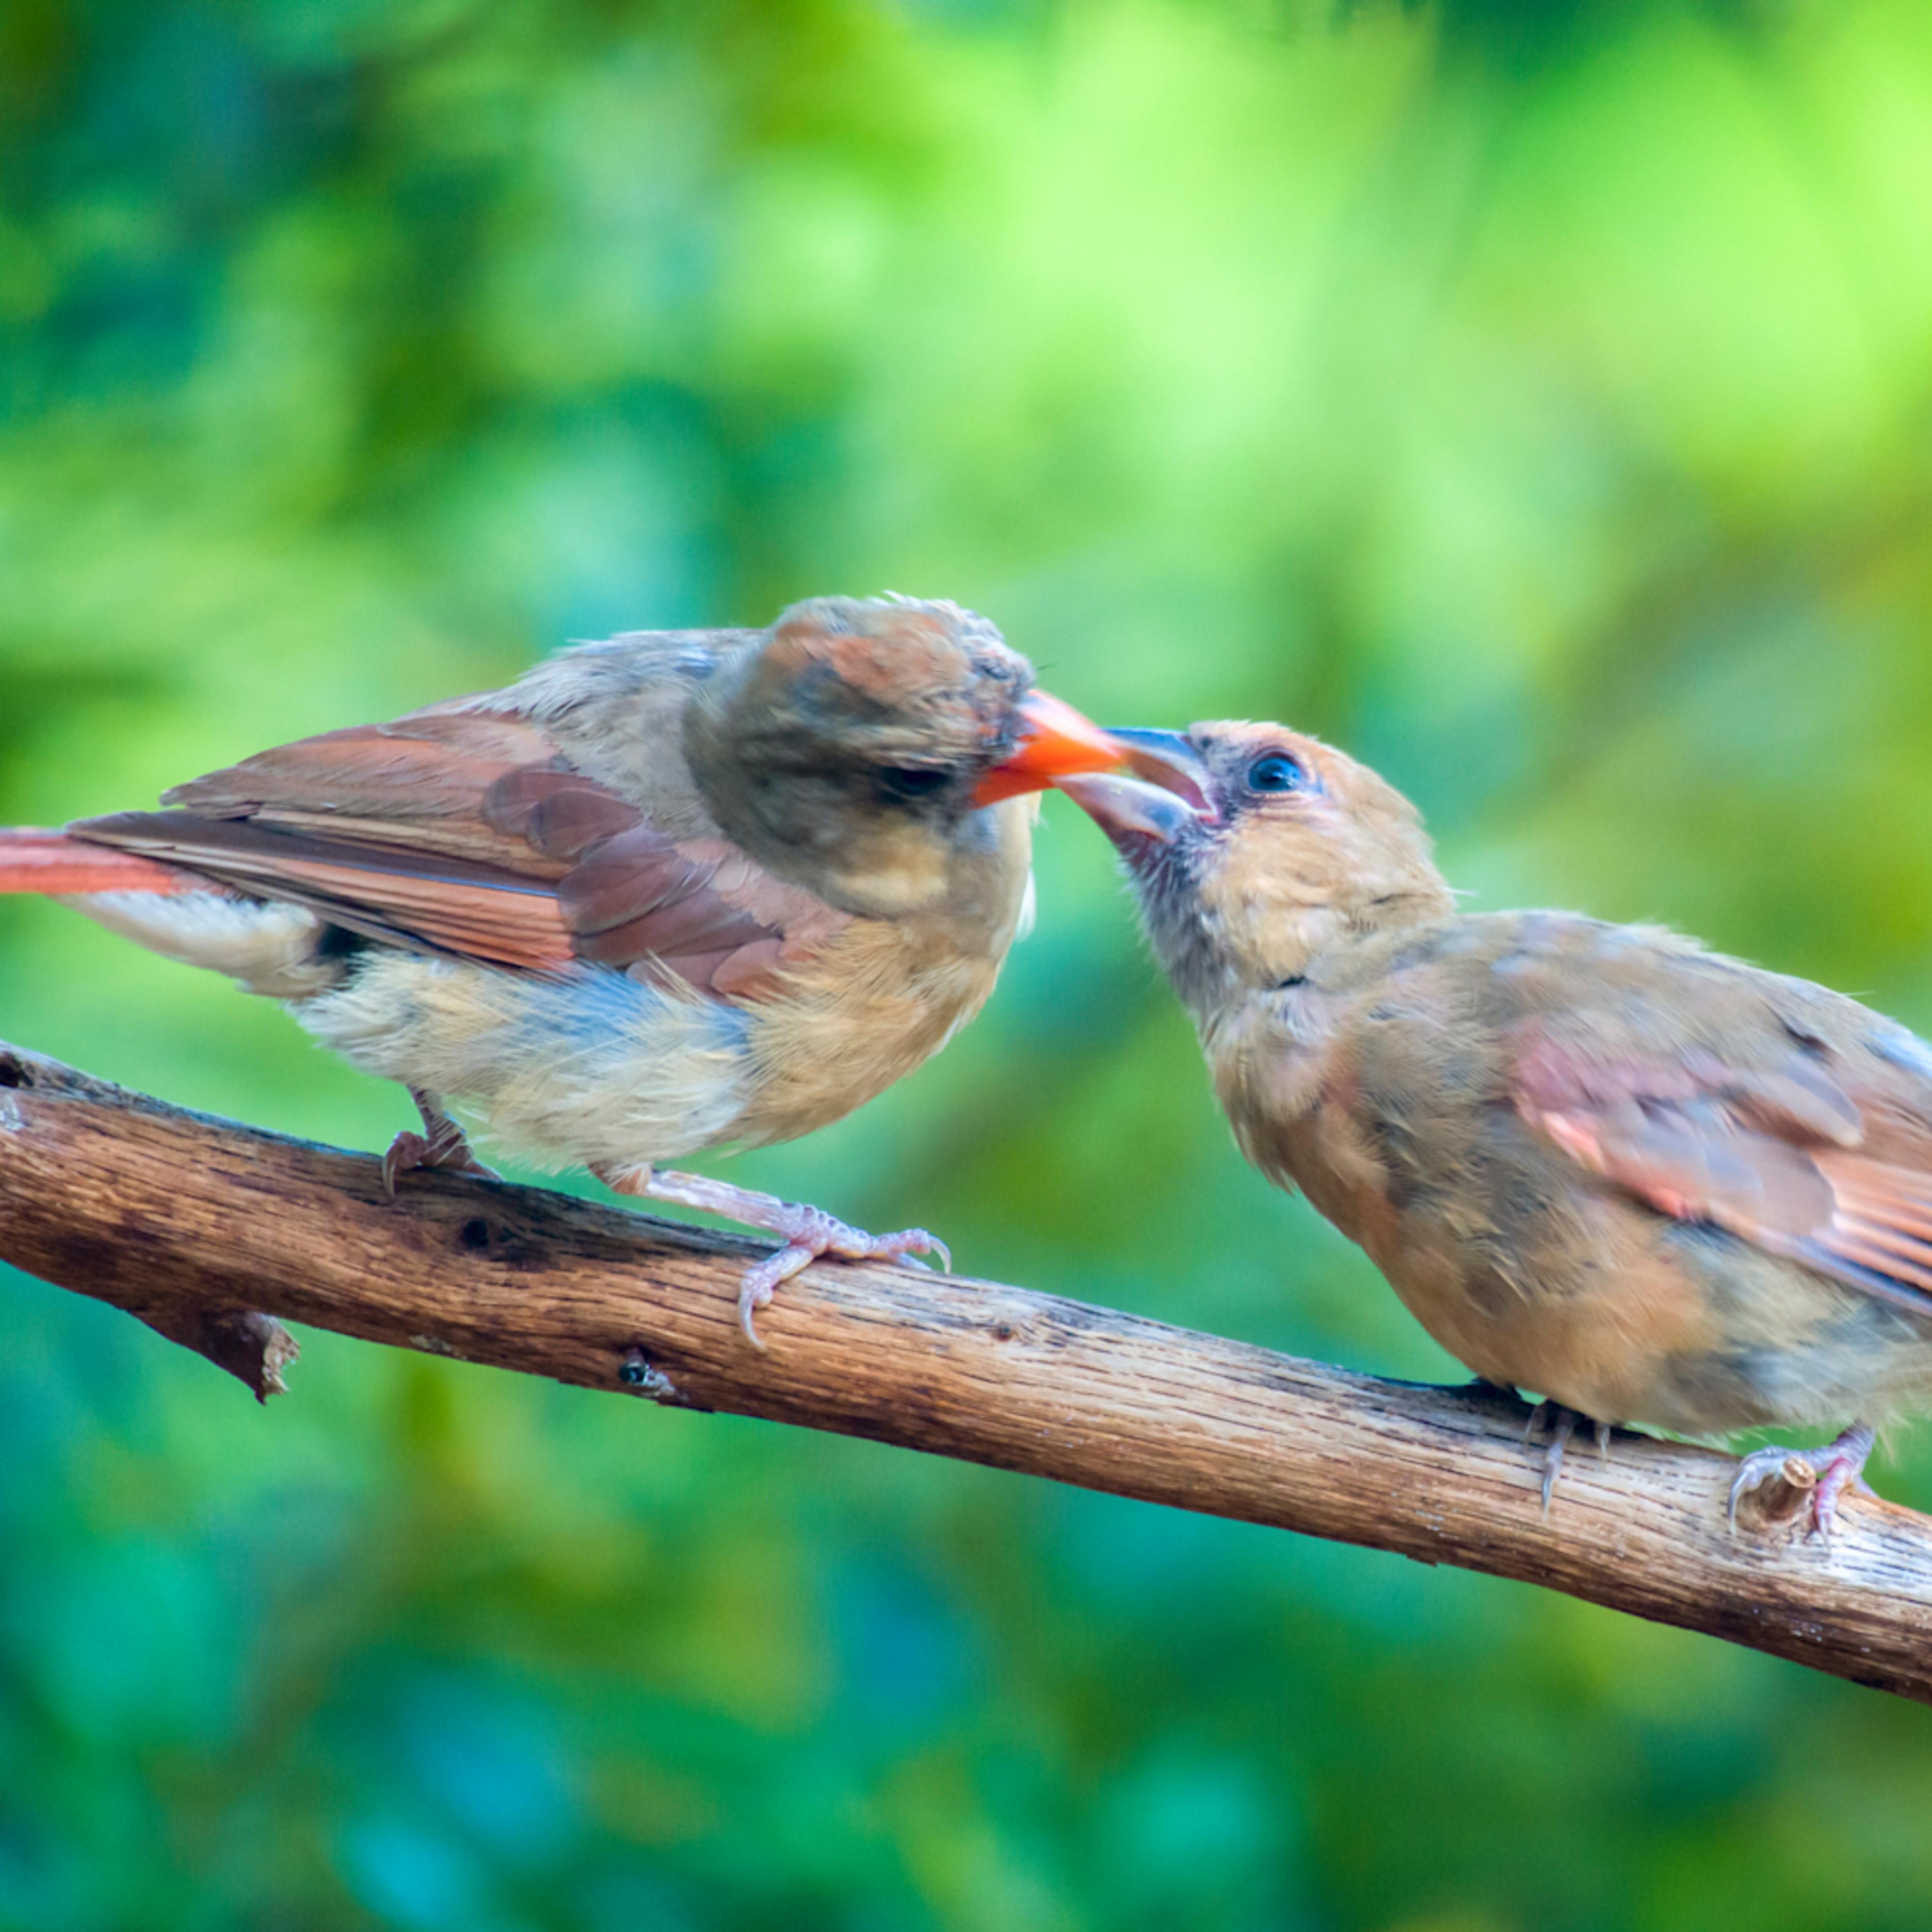 Backyard birds   aug2019  2 20190821 0040 q79jpq